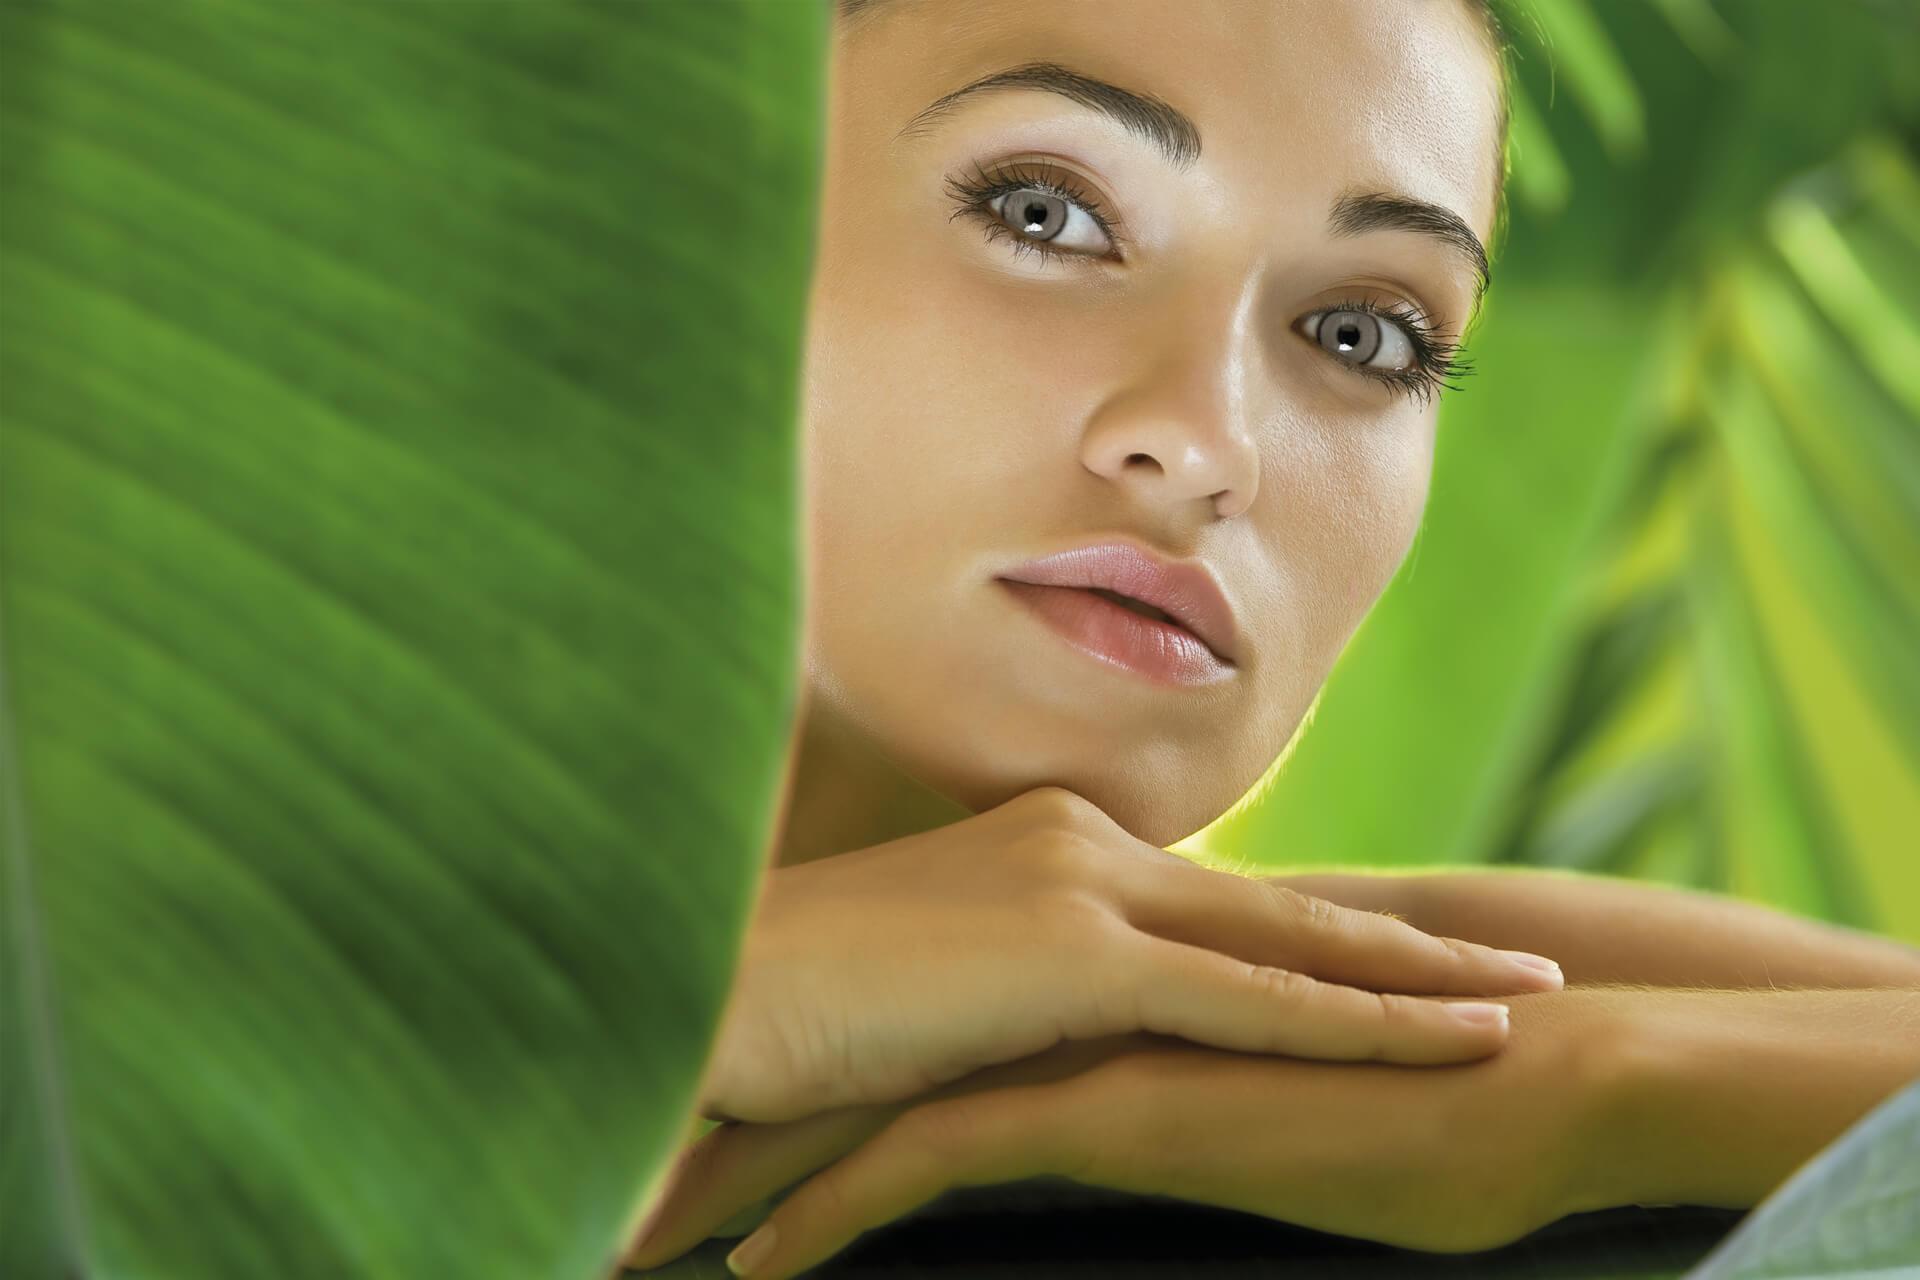 Gesichtsbehandlungen und Massagen, Anti-Falten Behandlungen mit Botox-ähnlicher Wirkung, Anti-Aging Gesichtsbehandlungen für Leuchtkraft, Festigkeit und Straffheit, klassische Gesichtsbehandlungen mit Hyaluronsäure, Gesichtsbehandlungen für gestresste Haut mit Gelée Royale, Gesichtsbehandlungen für allergische, empfindliche und gereizte Haut, Couperose, Rosazea, Dermatologische Peelings, Fruchtsäurepeeling, Akne und Narben Behandlungen, perfekte Haut in Rekordzeit, Anti-Aging Gesichtsmasken, Wimpern und Brauen färben, Sphinx Design bietet Ihnen, mit hochwertigen und innovativen Anti-Aging Behandlungen und Produkten, eine auf jeden Hauttyp zugeschnittene Gesichtsbehandlung an, zur Verstärkung der Behandlungsergebnisse, sind bei Sphinx Design Pflegeprodukte von Germaine de Capuccini für die weiterführende und unterstützende Heimpflege erhältlich, Germaine de Capuccini Spezialbehandlungen exklusiv bei Sphinx Design Kosmetikstudio Simone Burghard in Busswil bei Wil, im schönen Thurgau